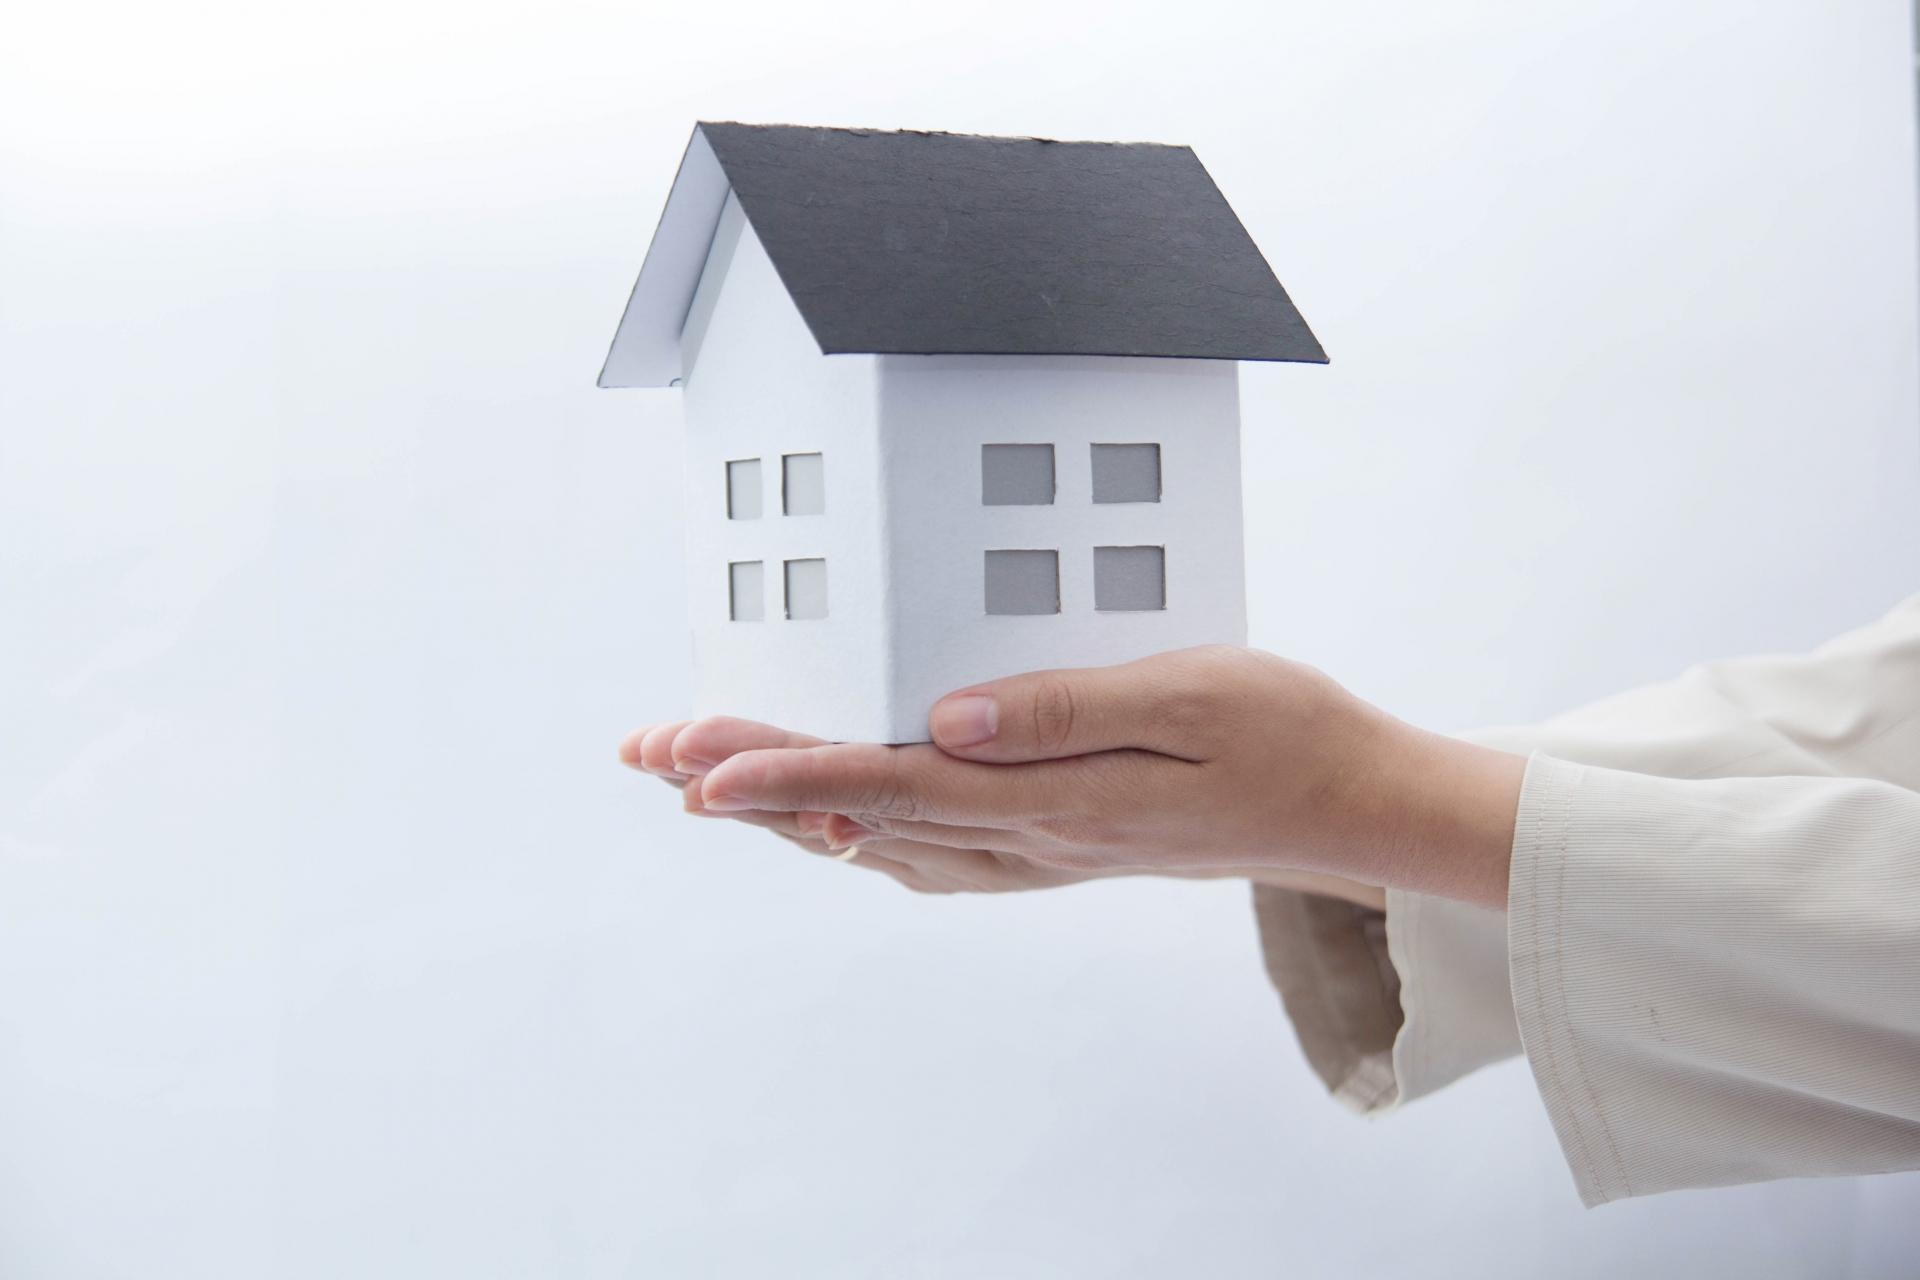 雨漏りは屋根塗装で防げる? 知っておきたい屋根の仕組み